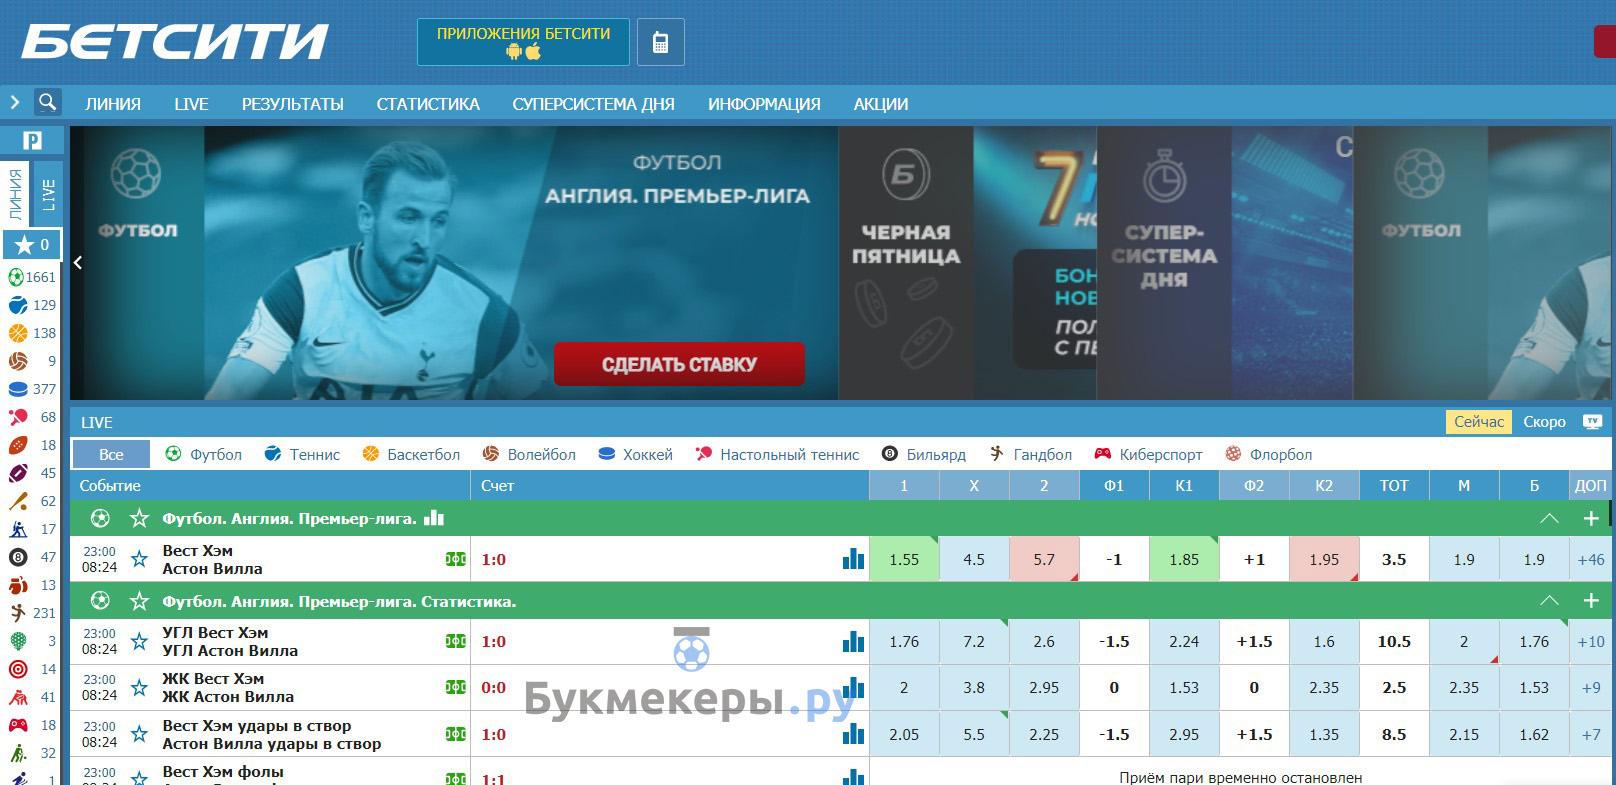 Топ букмекерских контор россии онлайн ставки в рублях